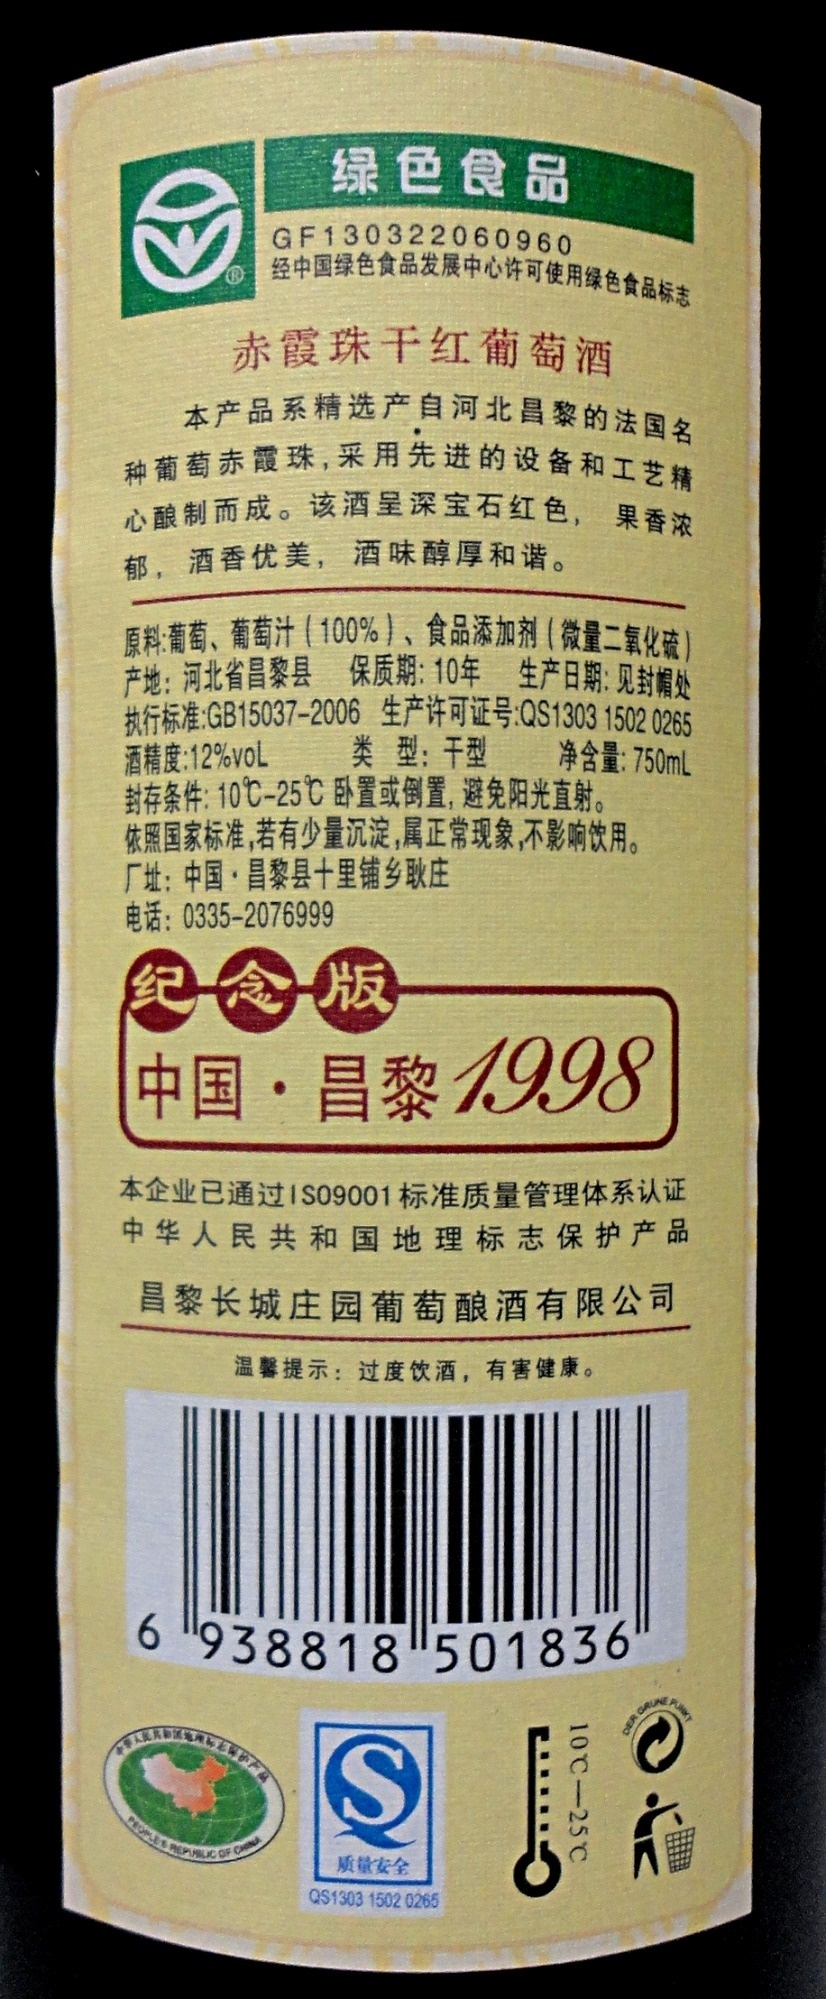 Changli Cabernet Sauvignon 1998 - Ingrediënten